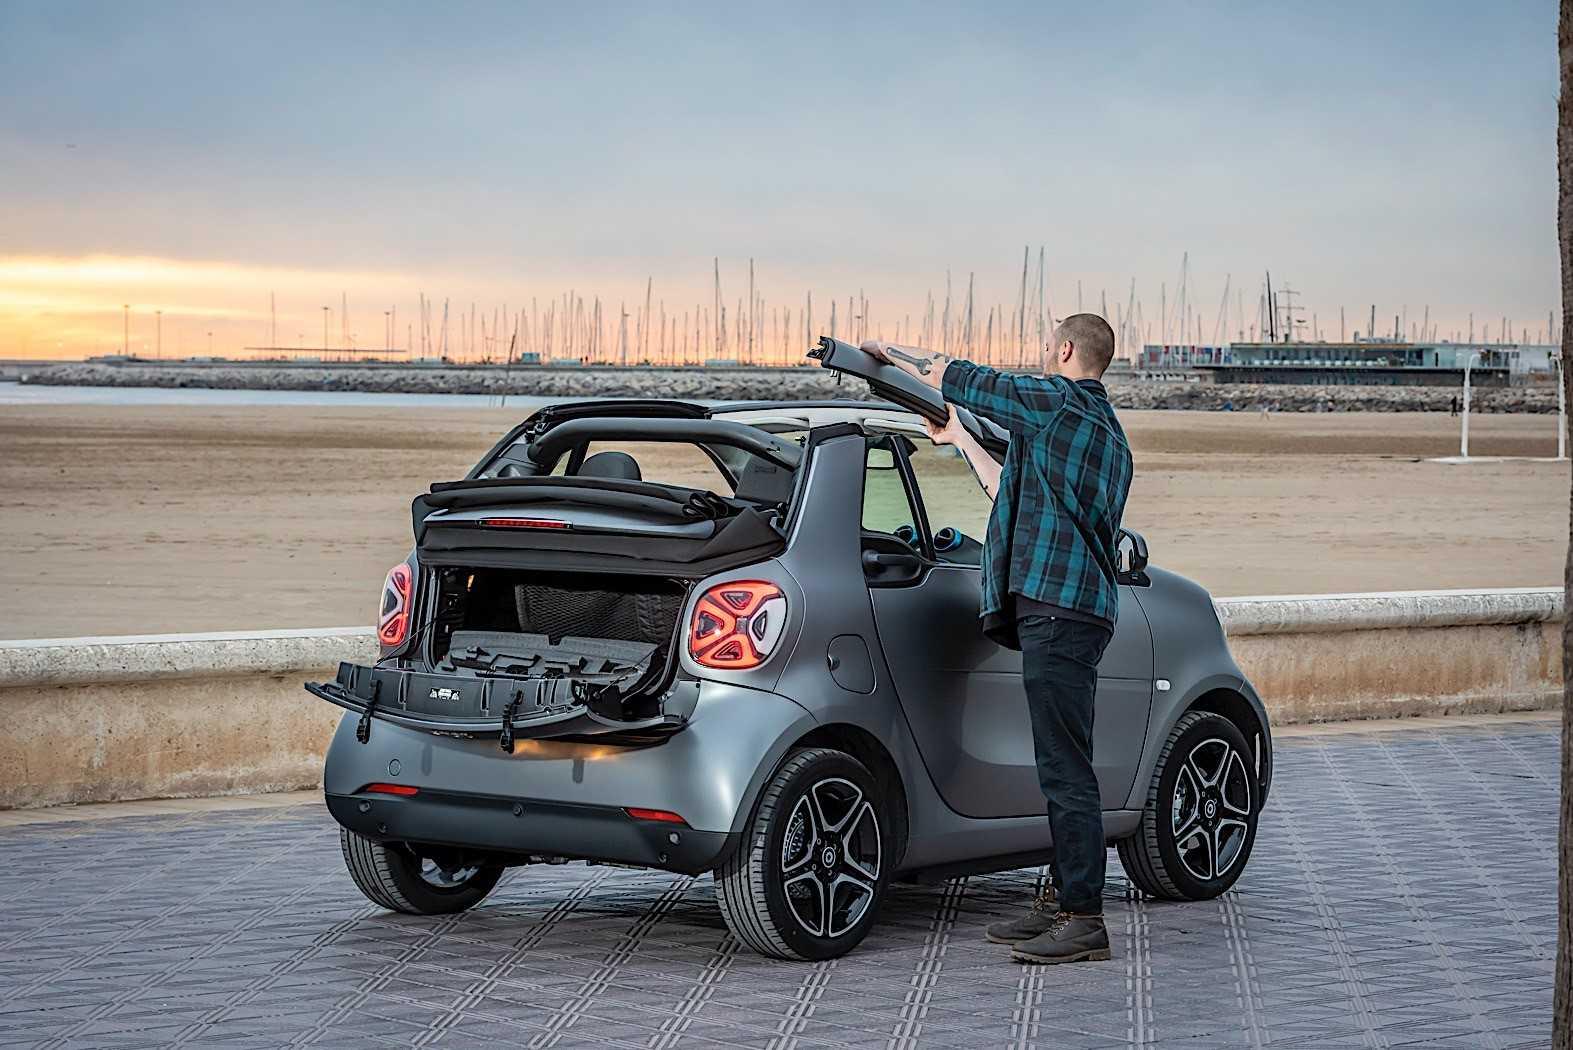 Smart fortwo hatchback-3d (смарт форту хэтчбек 3 дв.) - продажа, цены, отзывы, фото: 38 объявлений